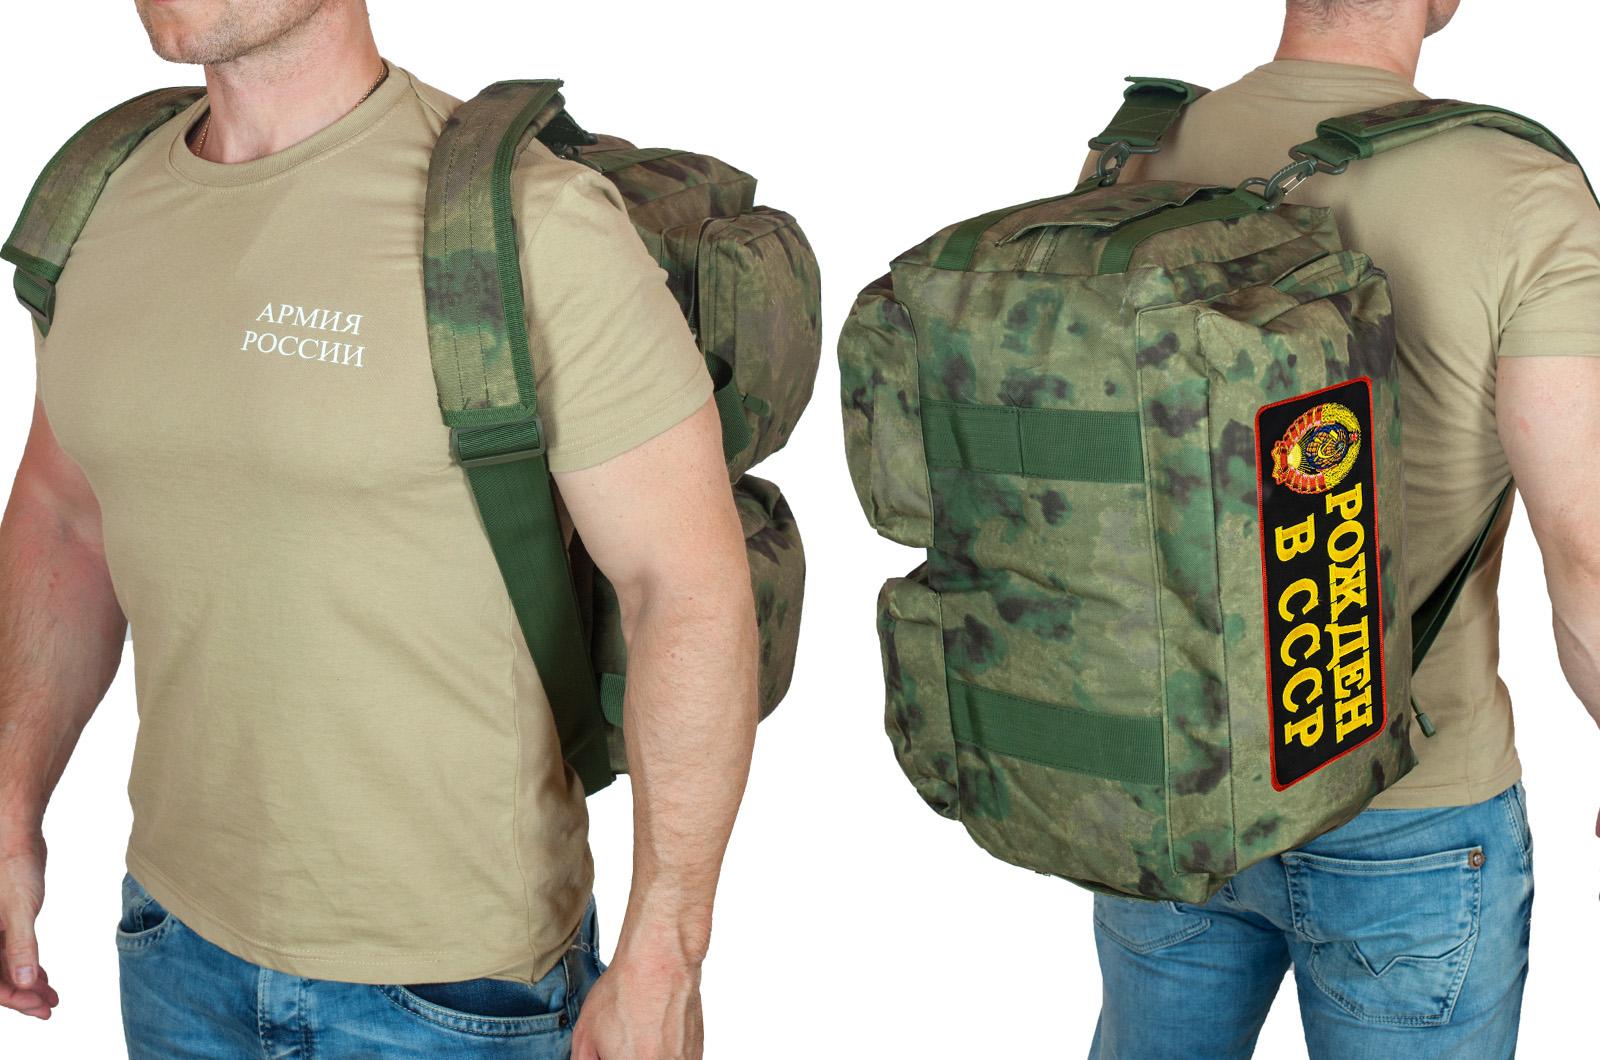 Заплечная камуфляжная сумка-баул Рожден в СССР - купить в подарок